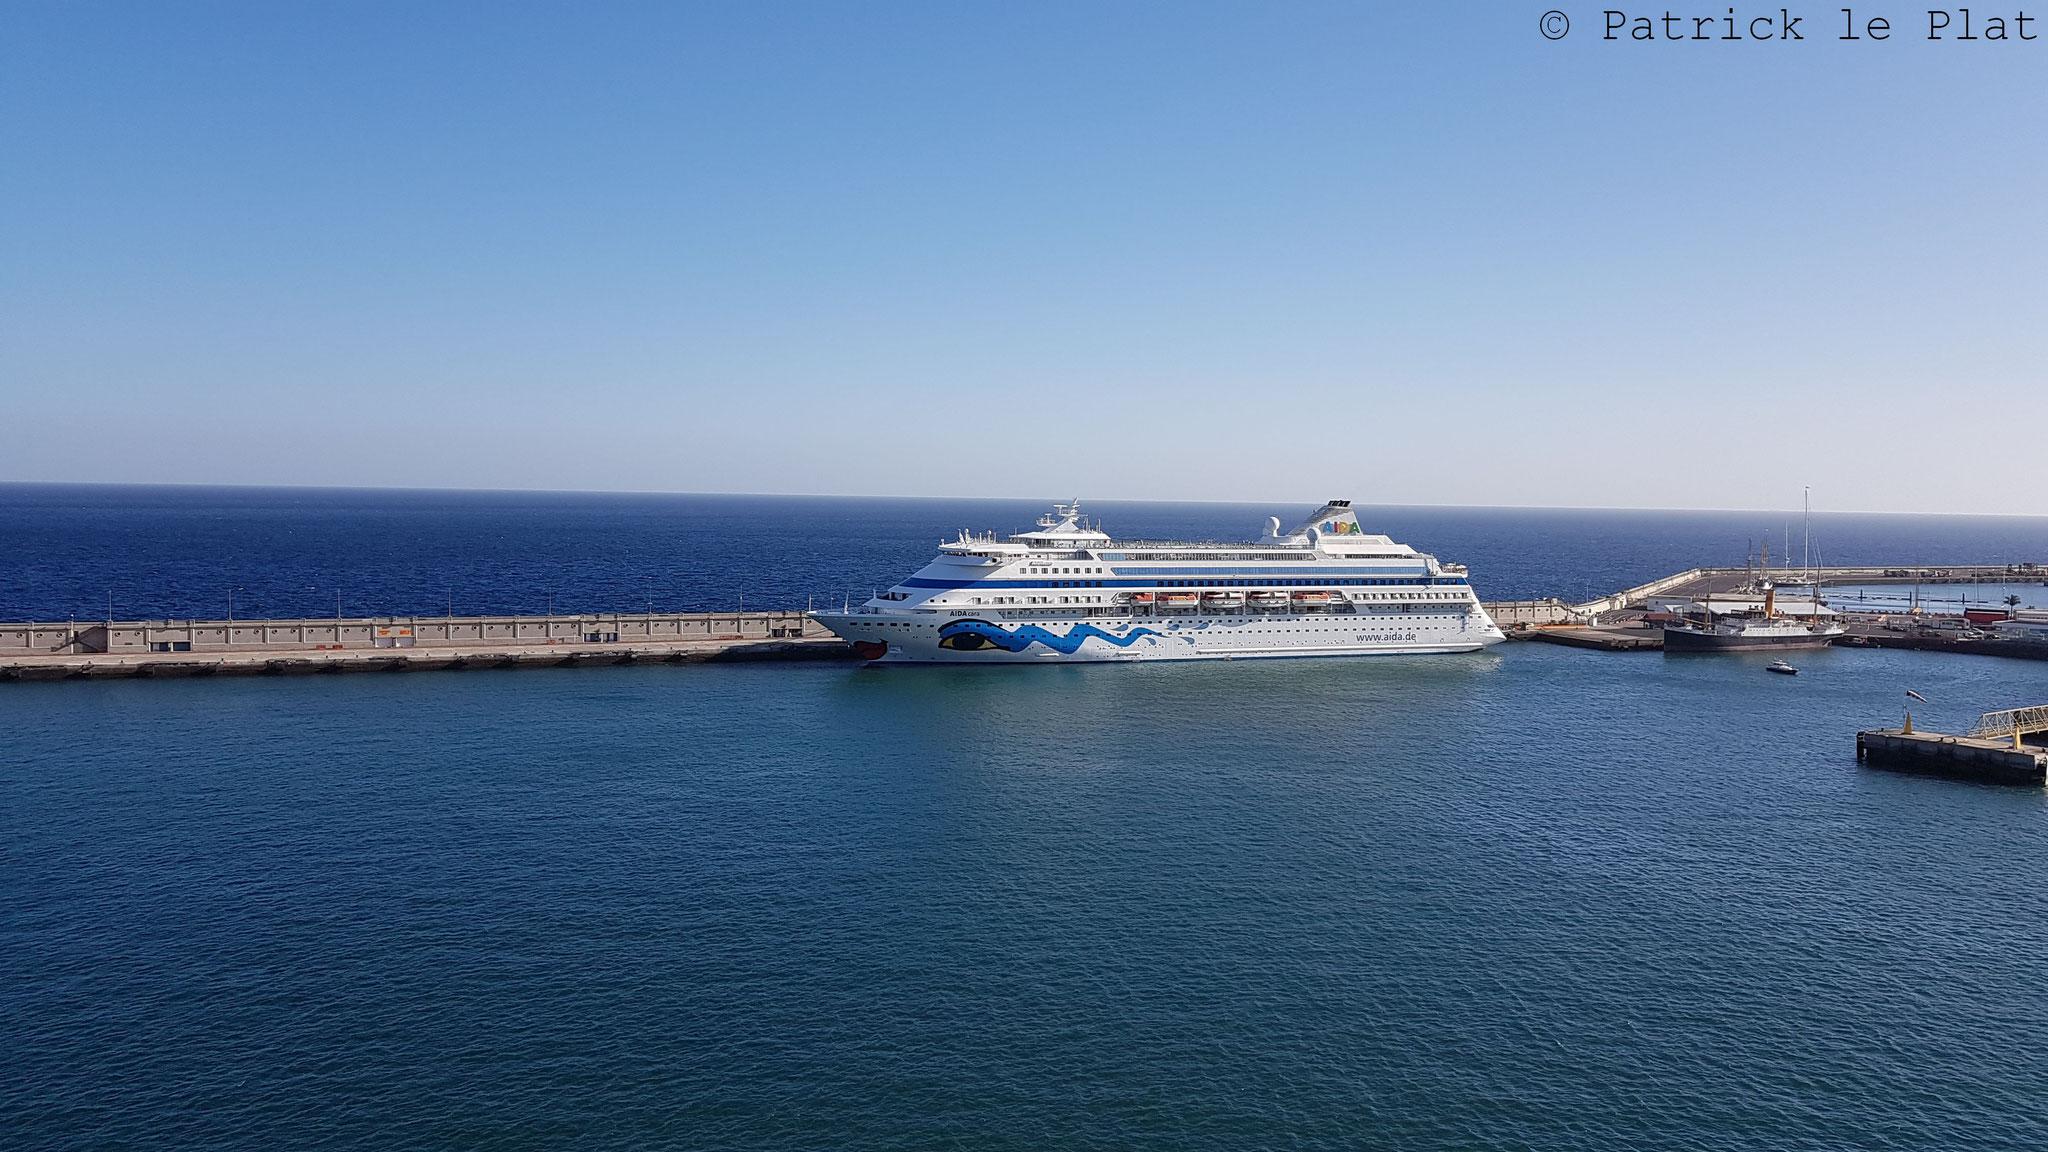 19. Dezember 2018 in Santa Cruz de Tenerife (Teneriffa)